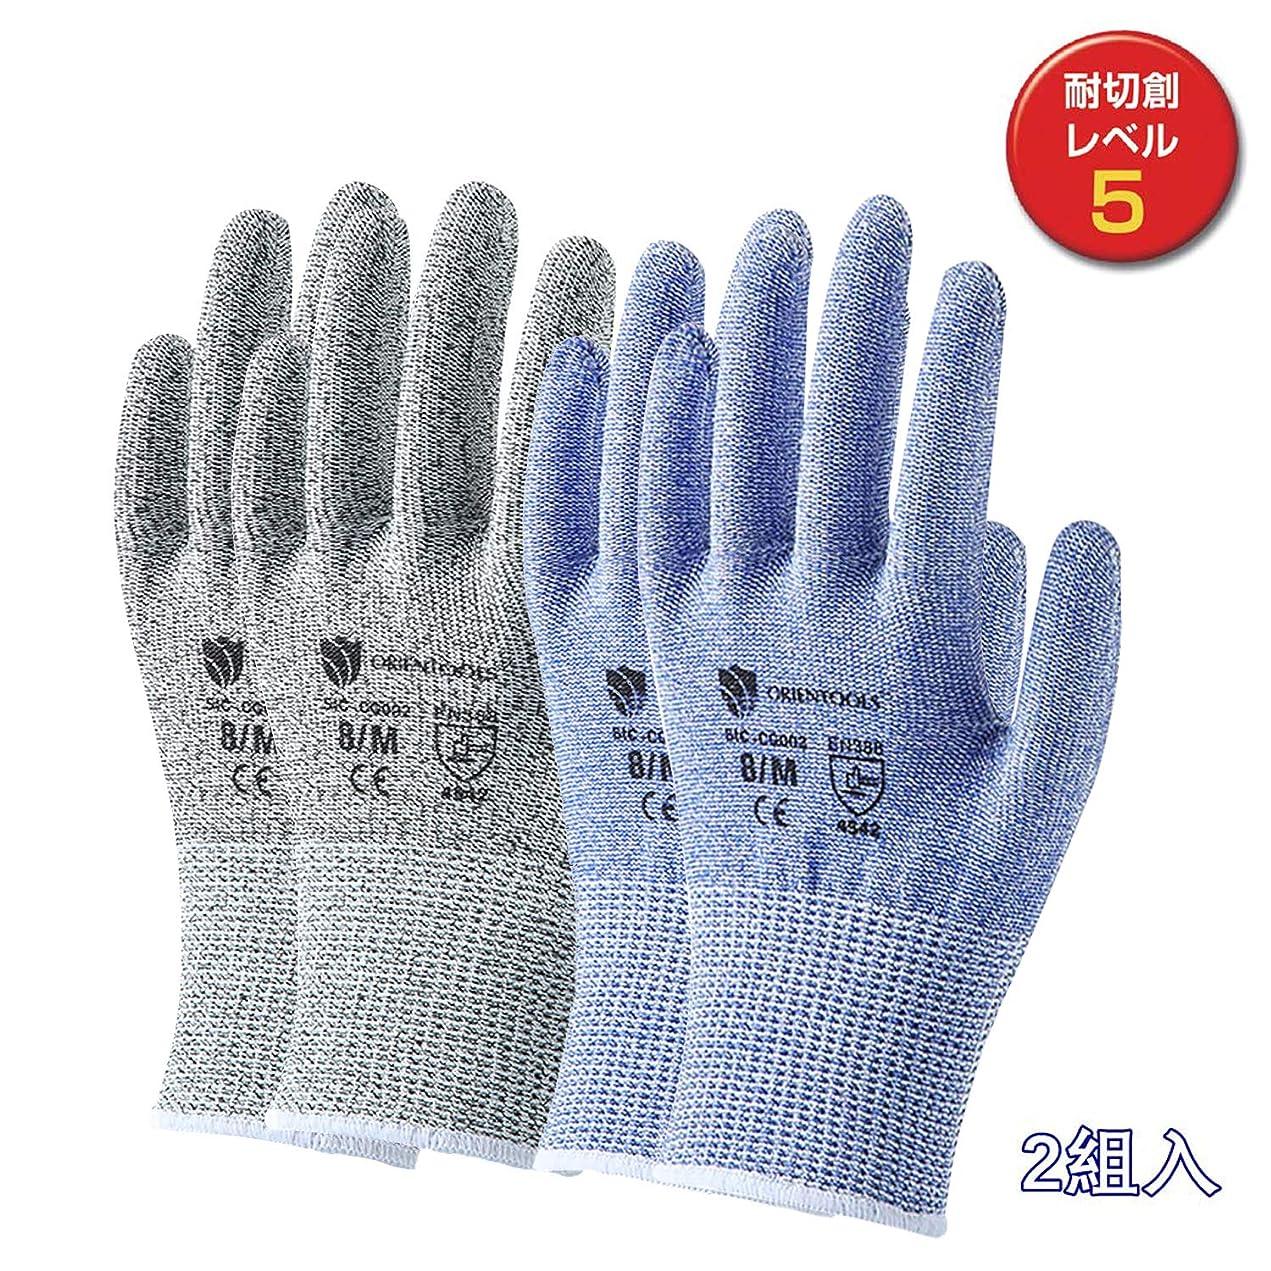 防刃手袋 レベル5 防刃グローブ 耐切創手袋 背抜き手袋 作業用グローブ(ブルー+グレー)2双 L